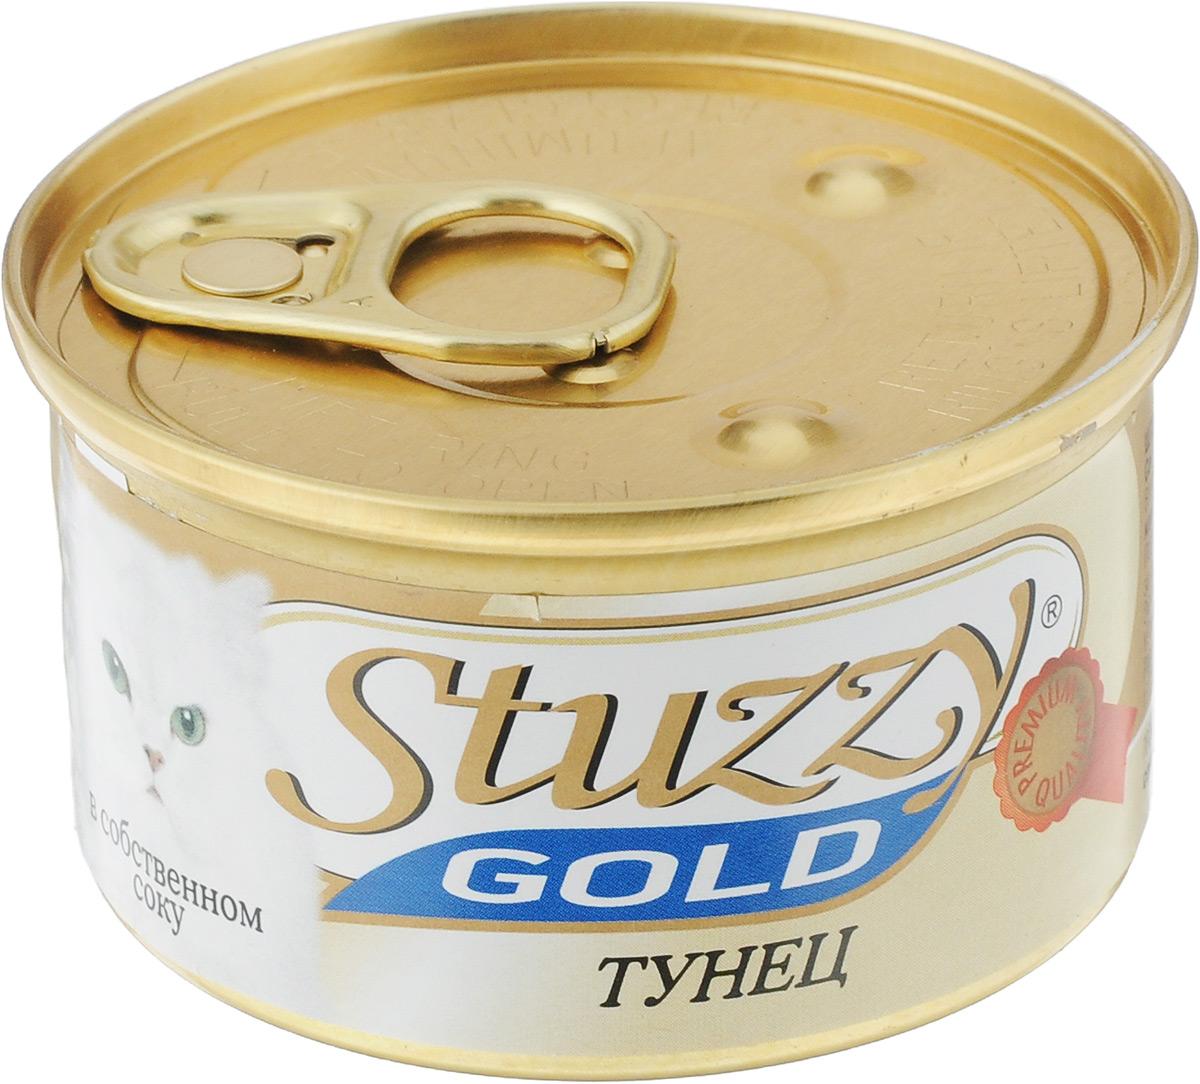 Консервы для кошек Stuzzy Gold, тунец в собственном соку, 85 г132.C402Консервы для кошек Stuzzy Gold - это дополнительный рацион для взрослых кошек. Корм обогащен таурином и витамином Е для поддержания правильной работы сердца и иммунной системы. Инулин обеспечивает всасывание питательных веществ, а биотин способствуют великолепному внешнему виду кожи и шерсти. Корм приготовлен на пару, не содержит красителей и консервантов.Товар сертифицирован.